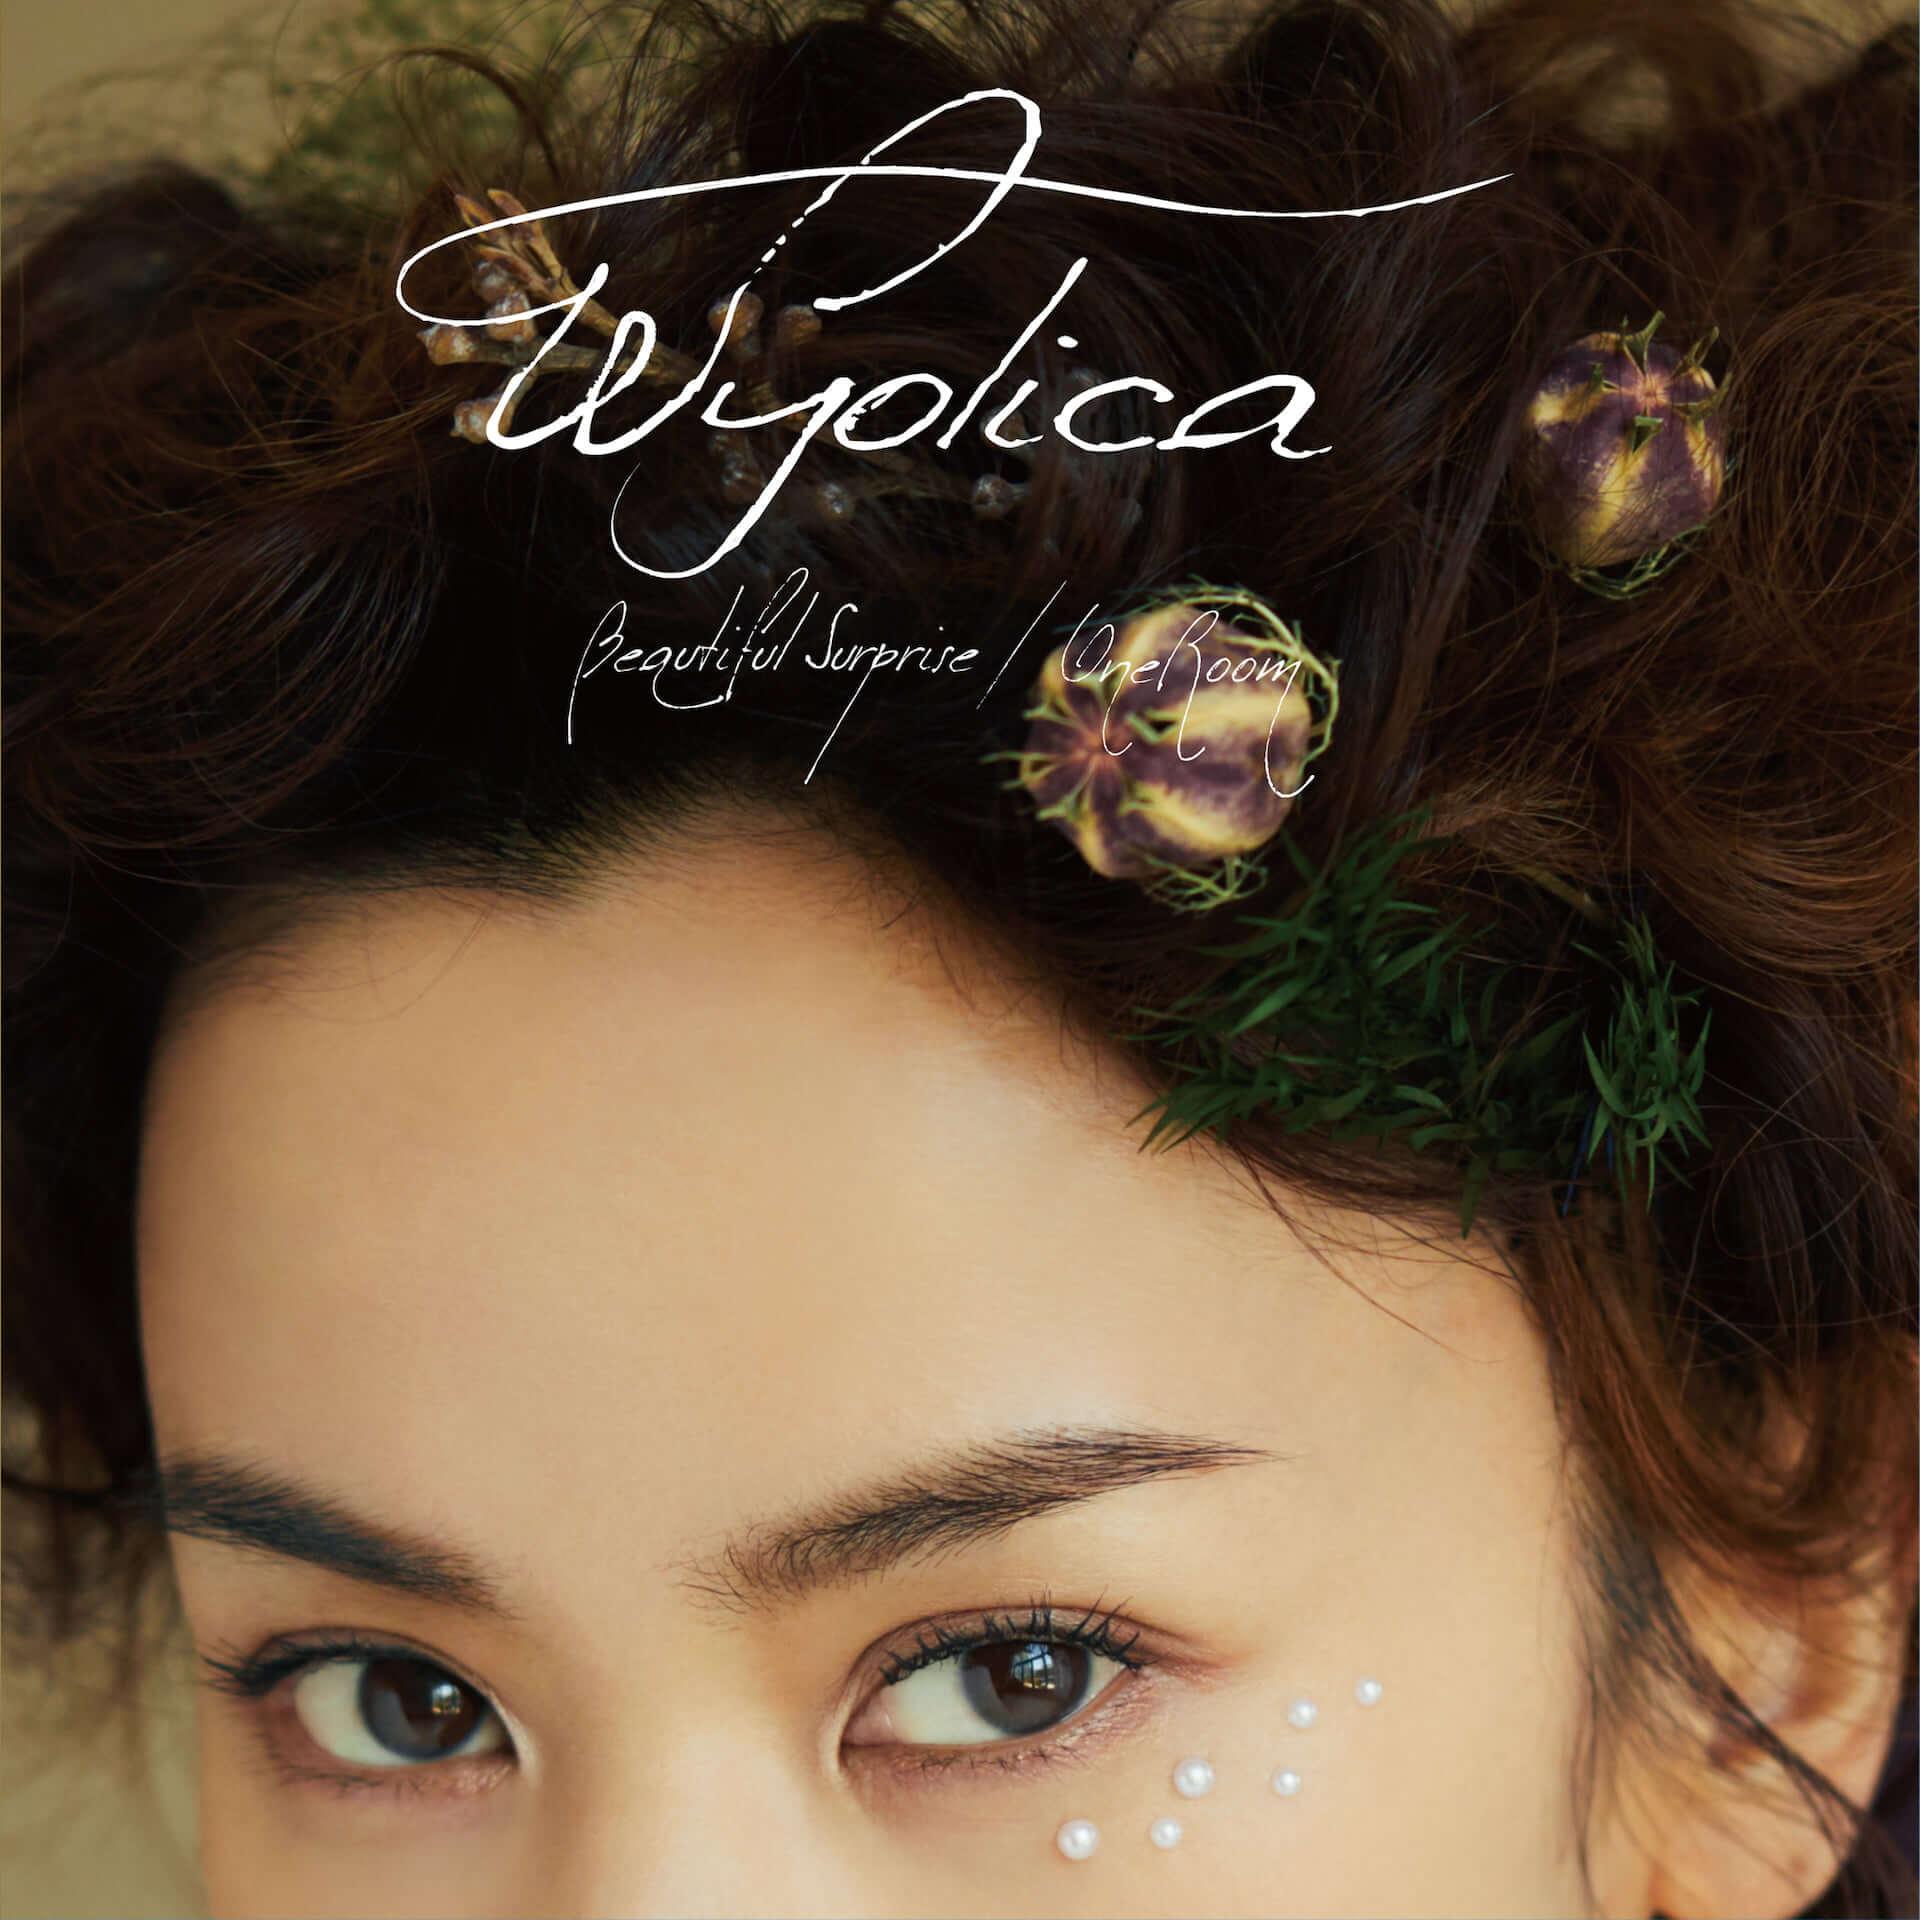 ワイヨリカ9年振りに新曲2曲「Beautiful Surprise/OneRoom 」をリリース!亀田誠治、TERUよりコメントも music190731_wyolica_main-1920x1920